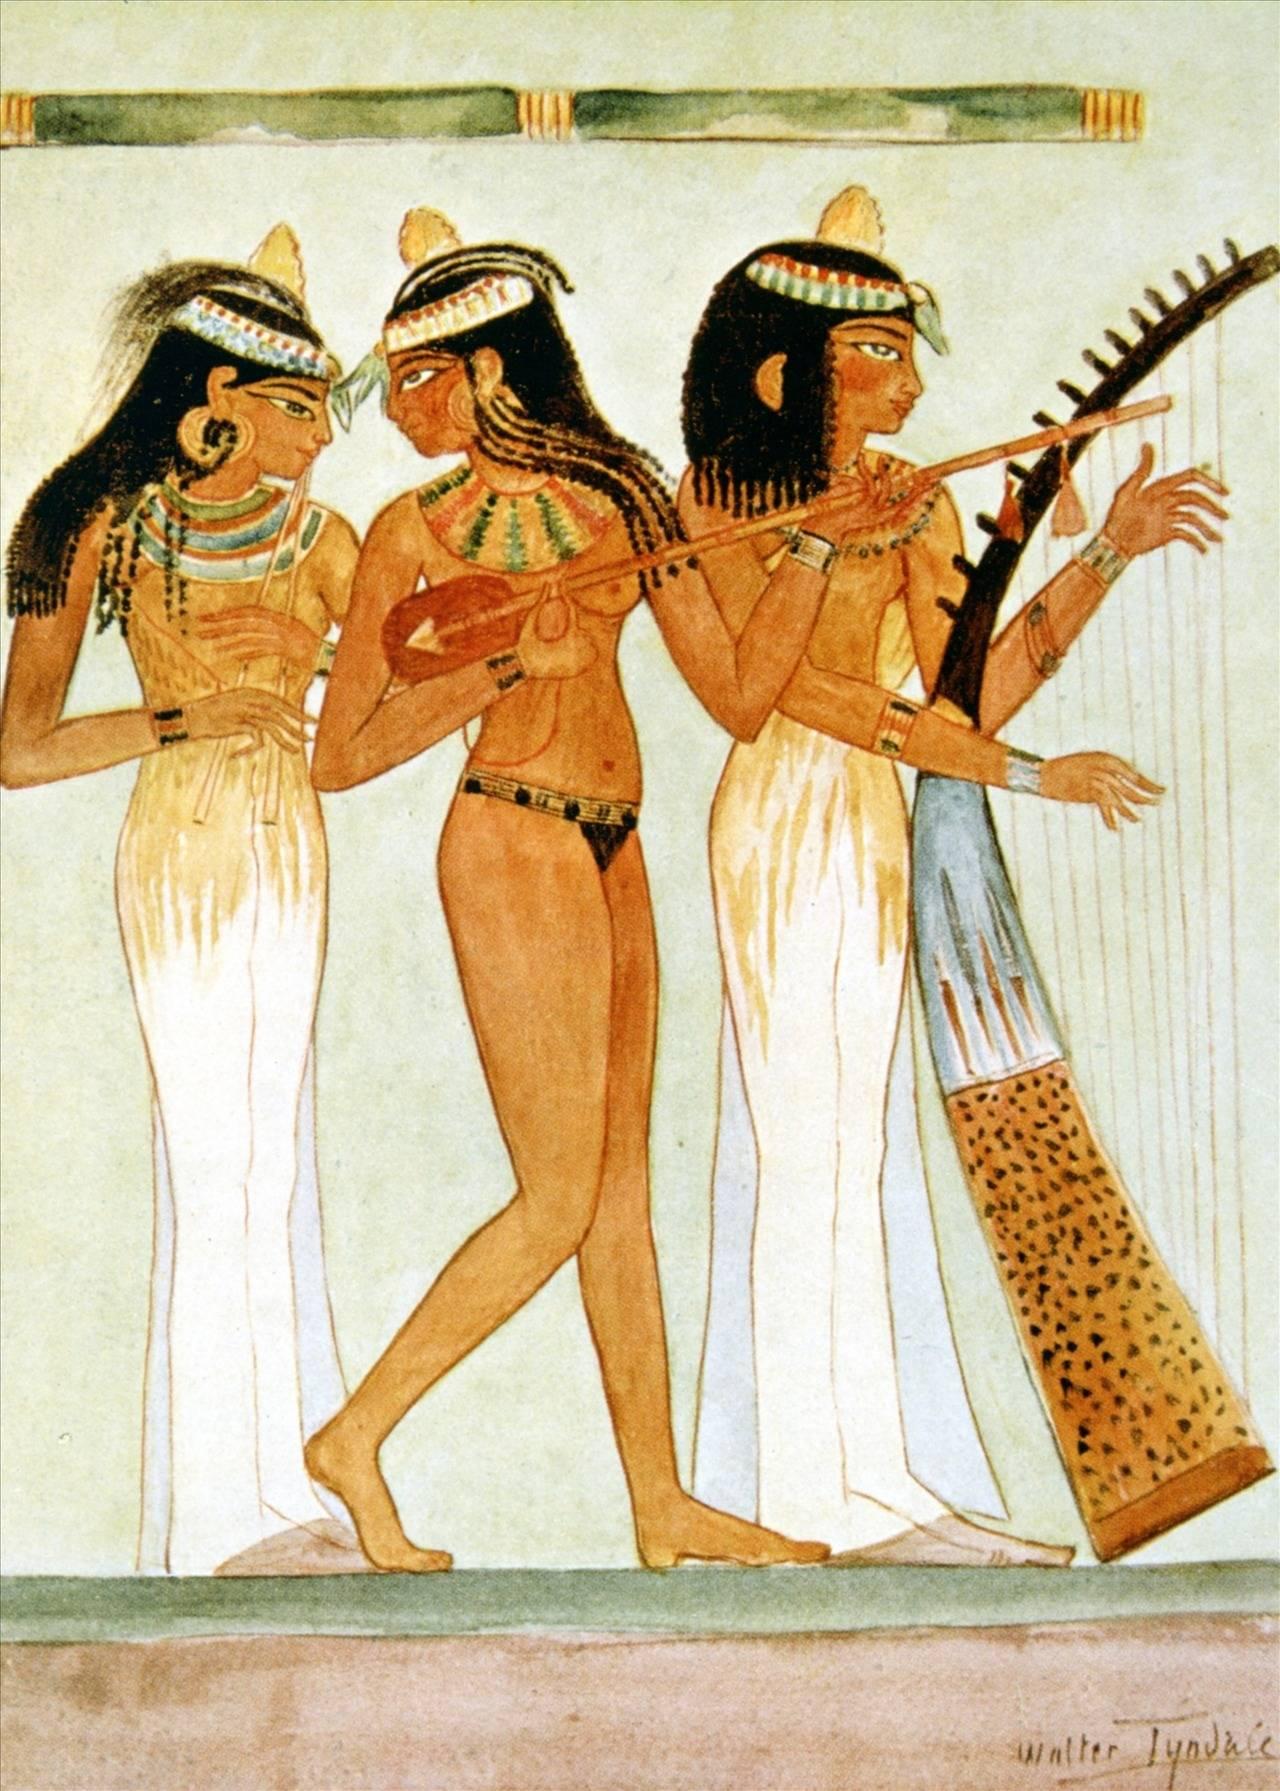 Altes Agypten Kleidung Der Pharaonen Krieger Bauern